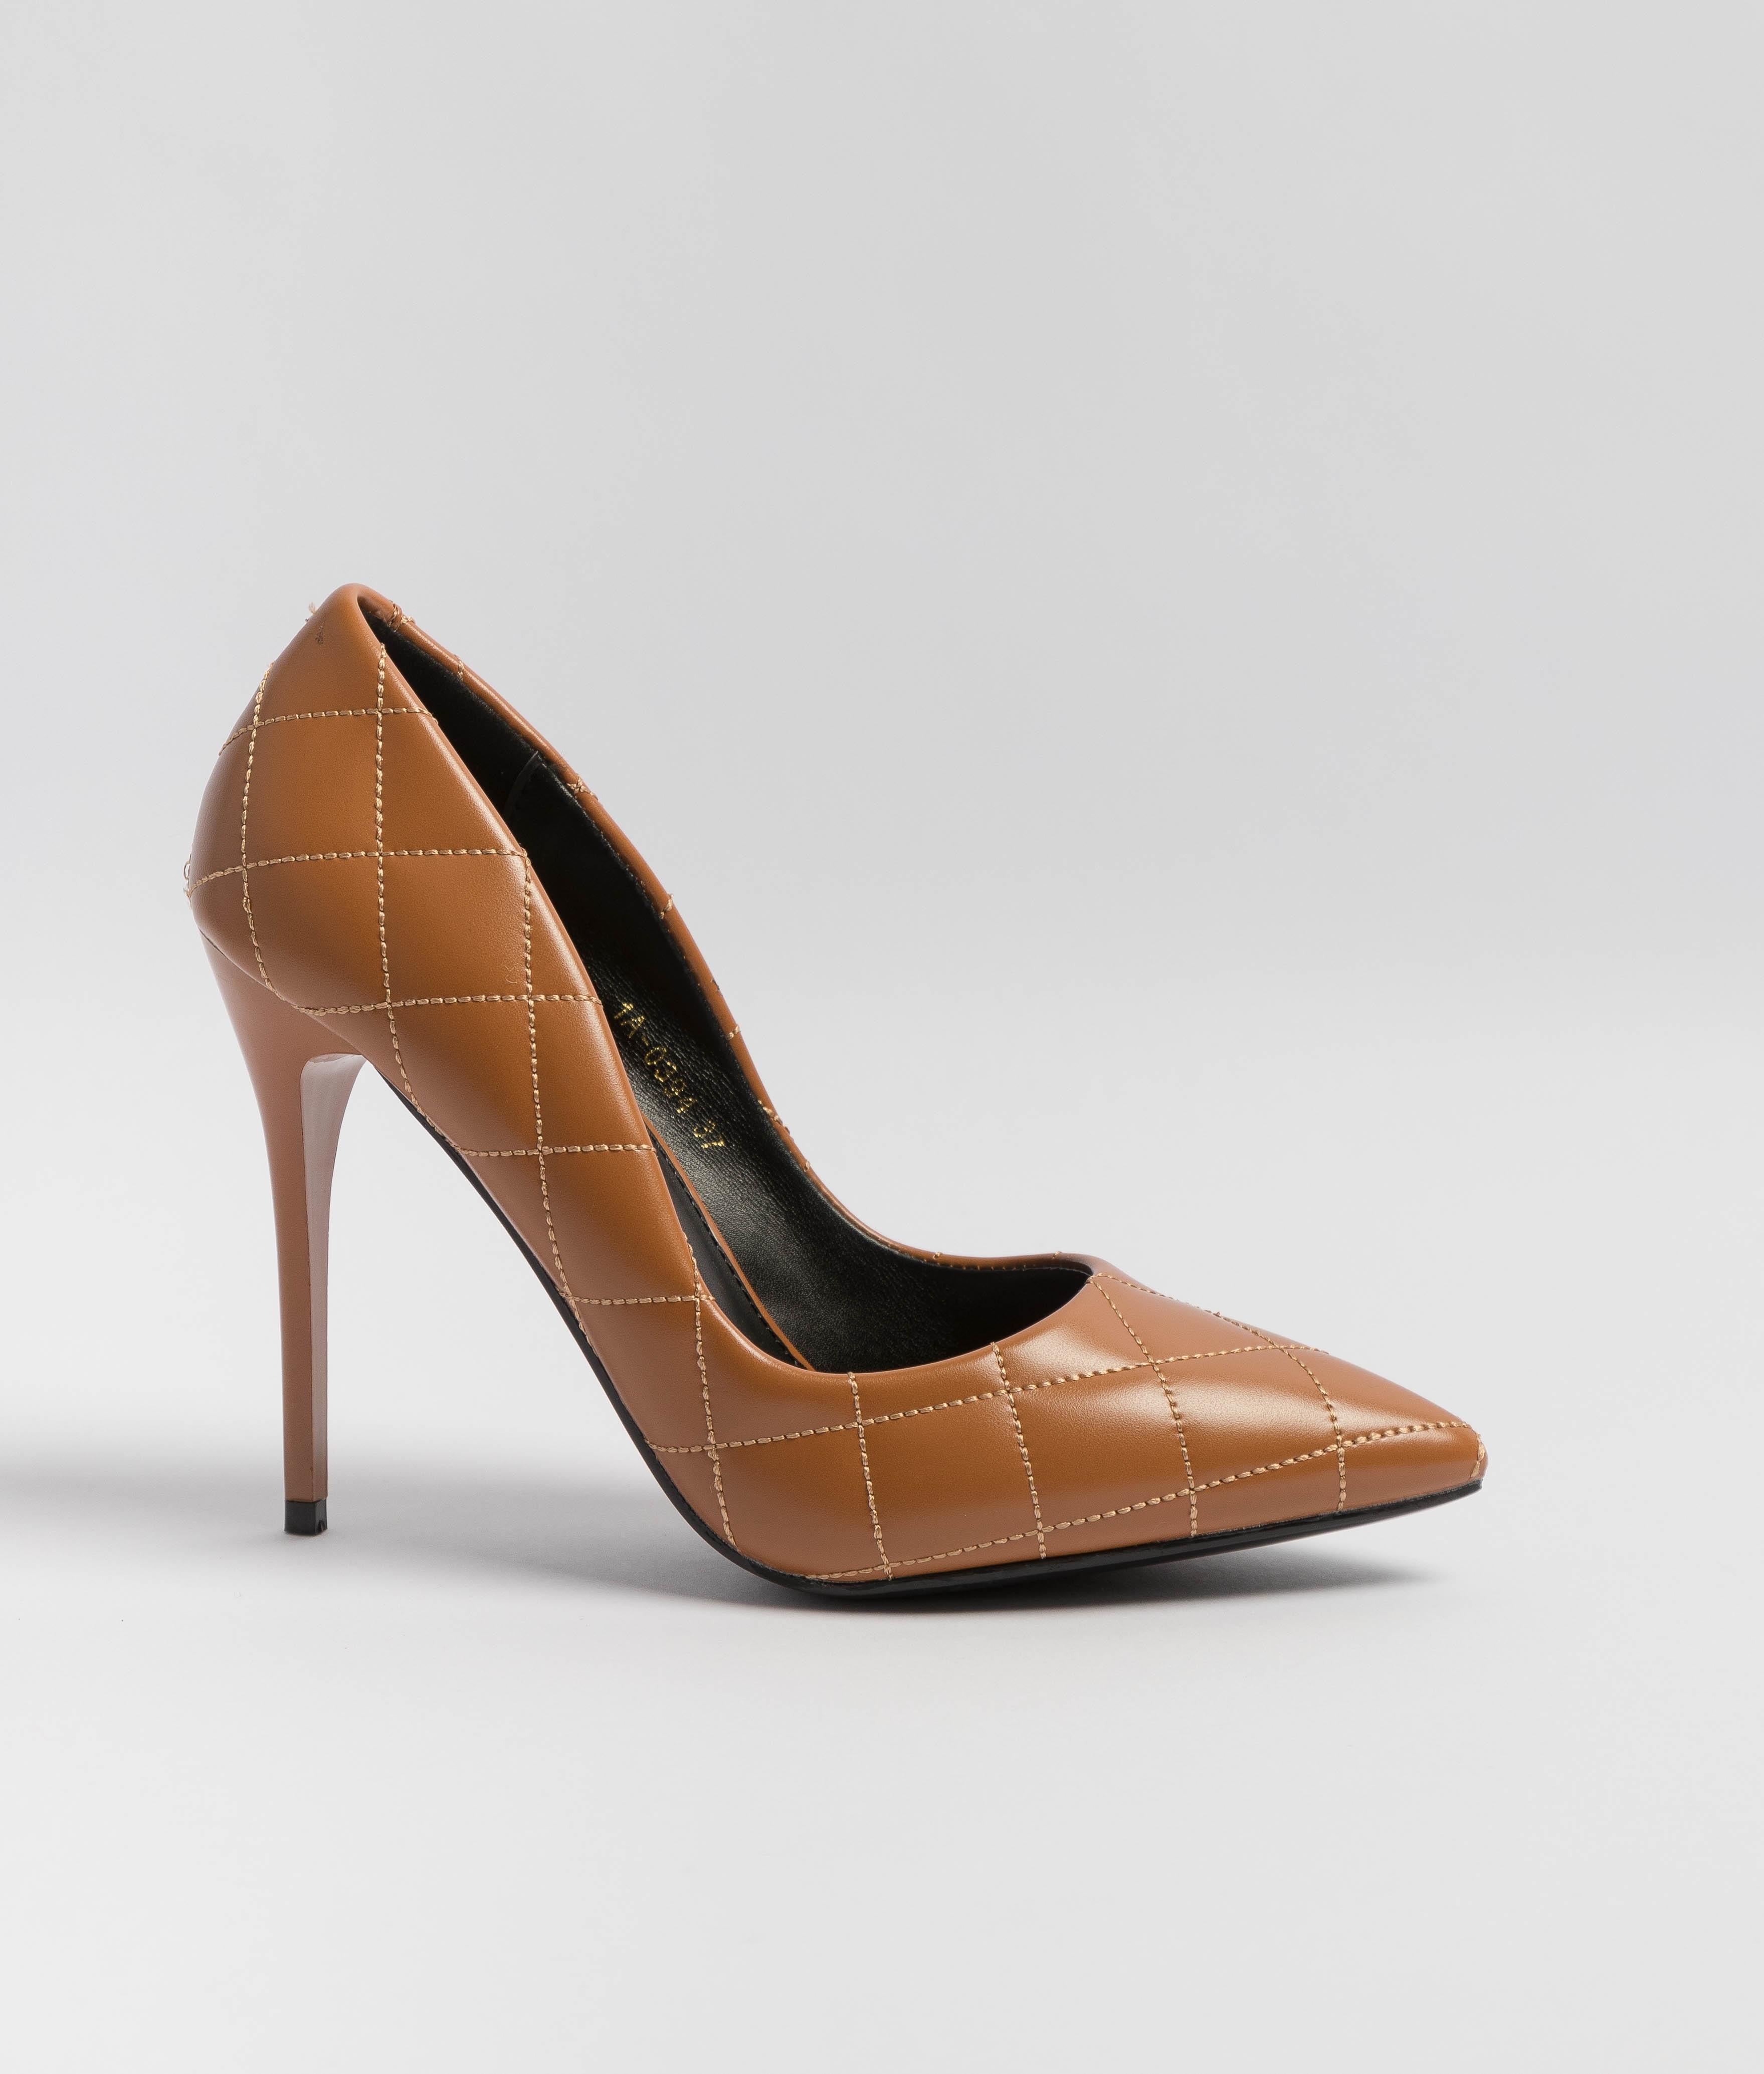 Zapato Satira - Camelo